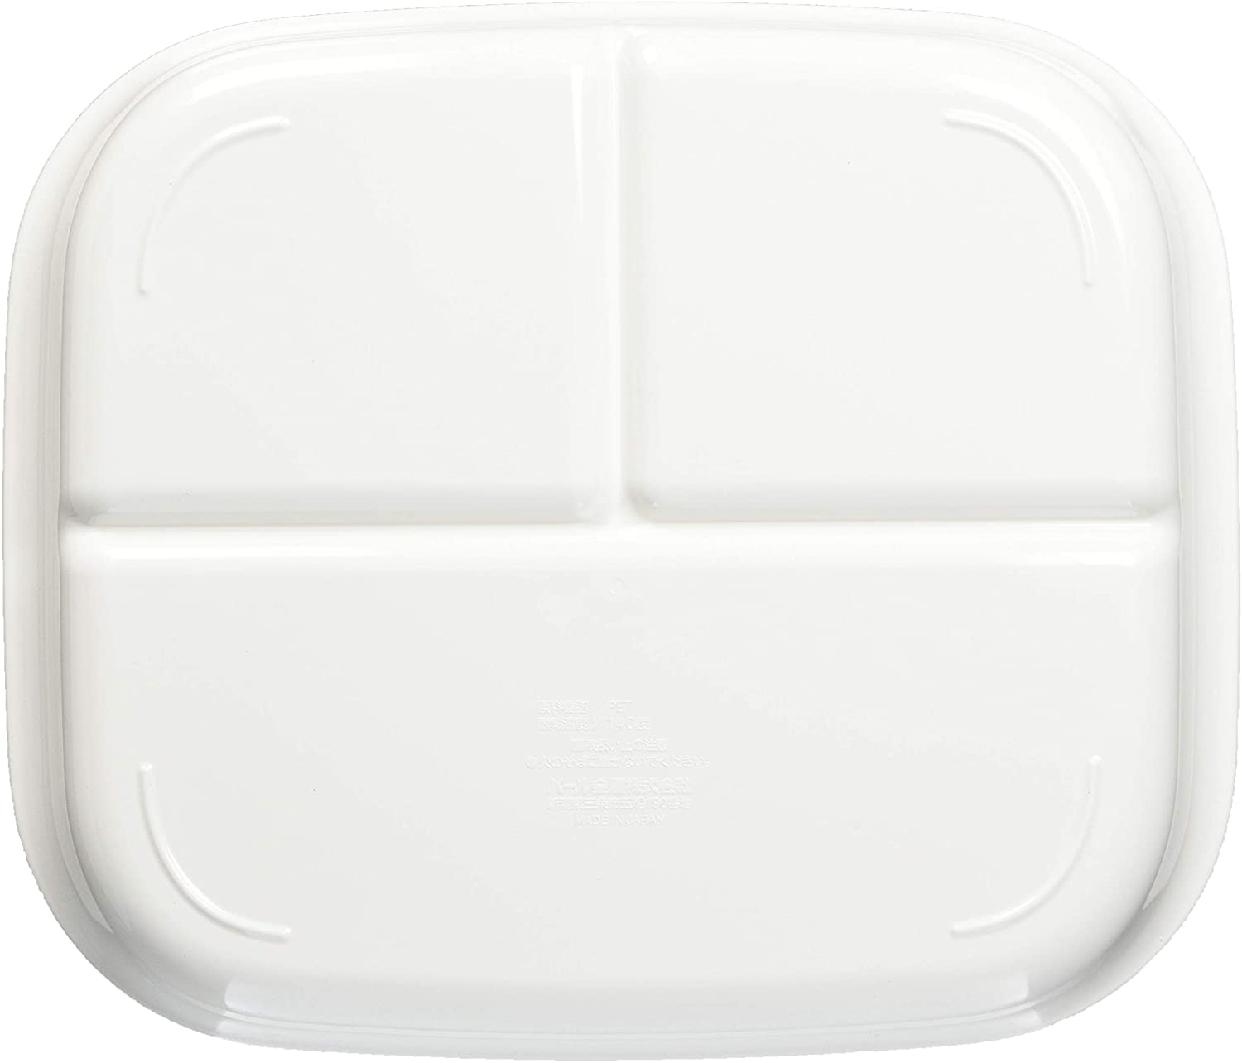 パール金属(パールキンゾク)あつかいやすい仕切付スクエアプレート(ホワイト) K-6388の商品画像3